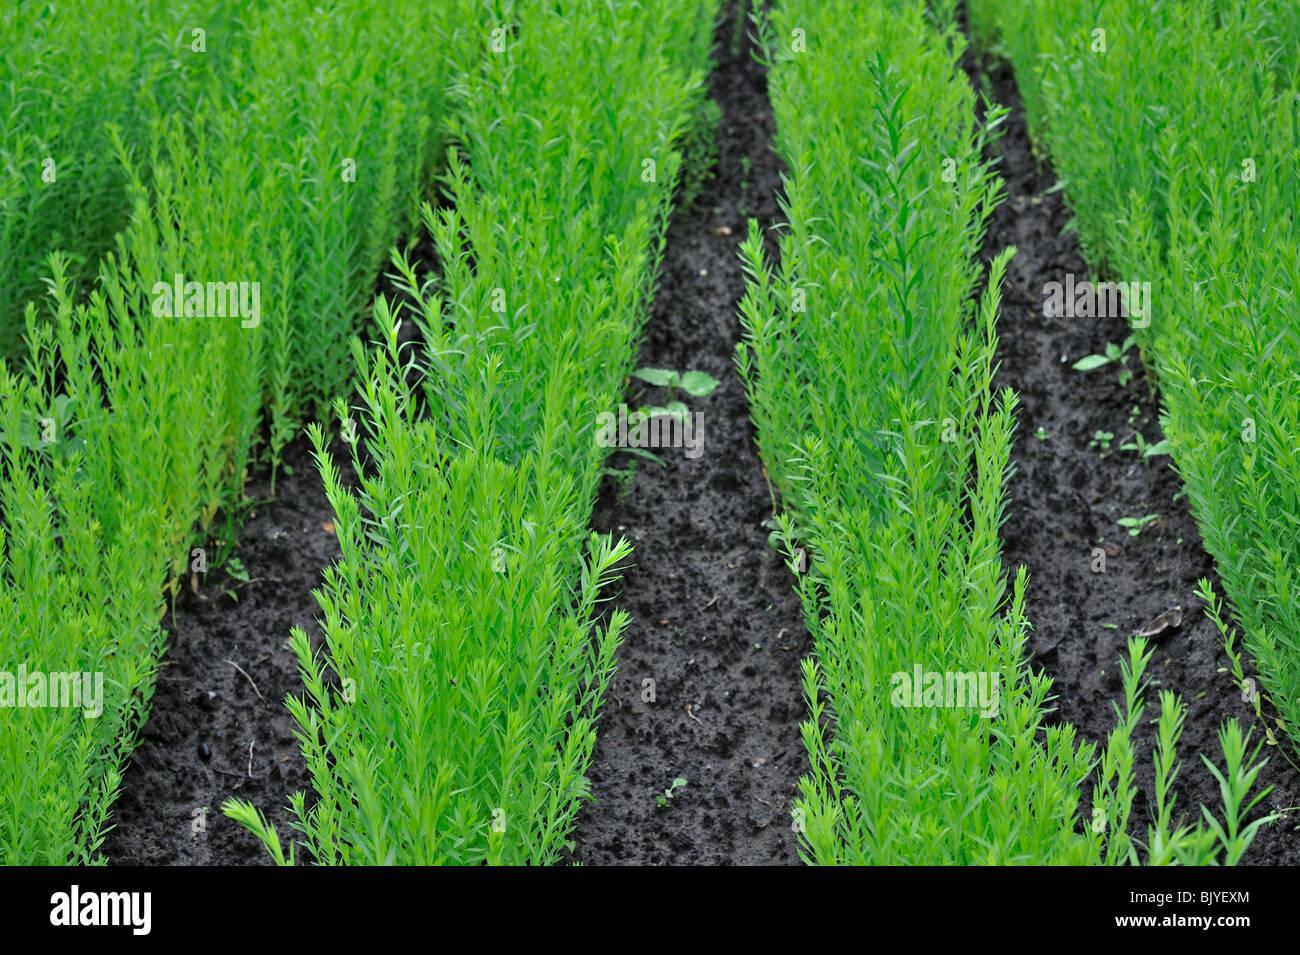 Common flax / Linseed (Linum usitatissimum) in field, Belgium - Stock Image